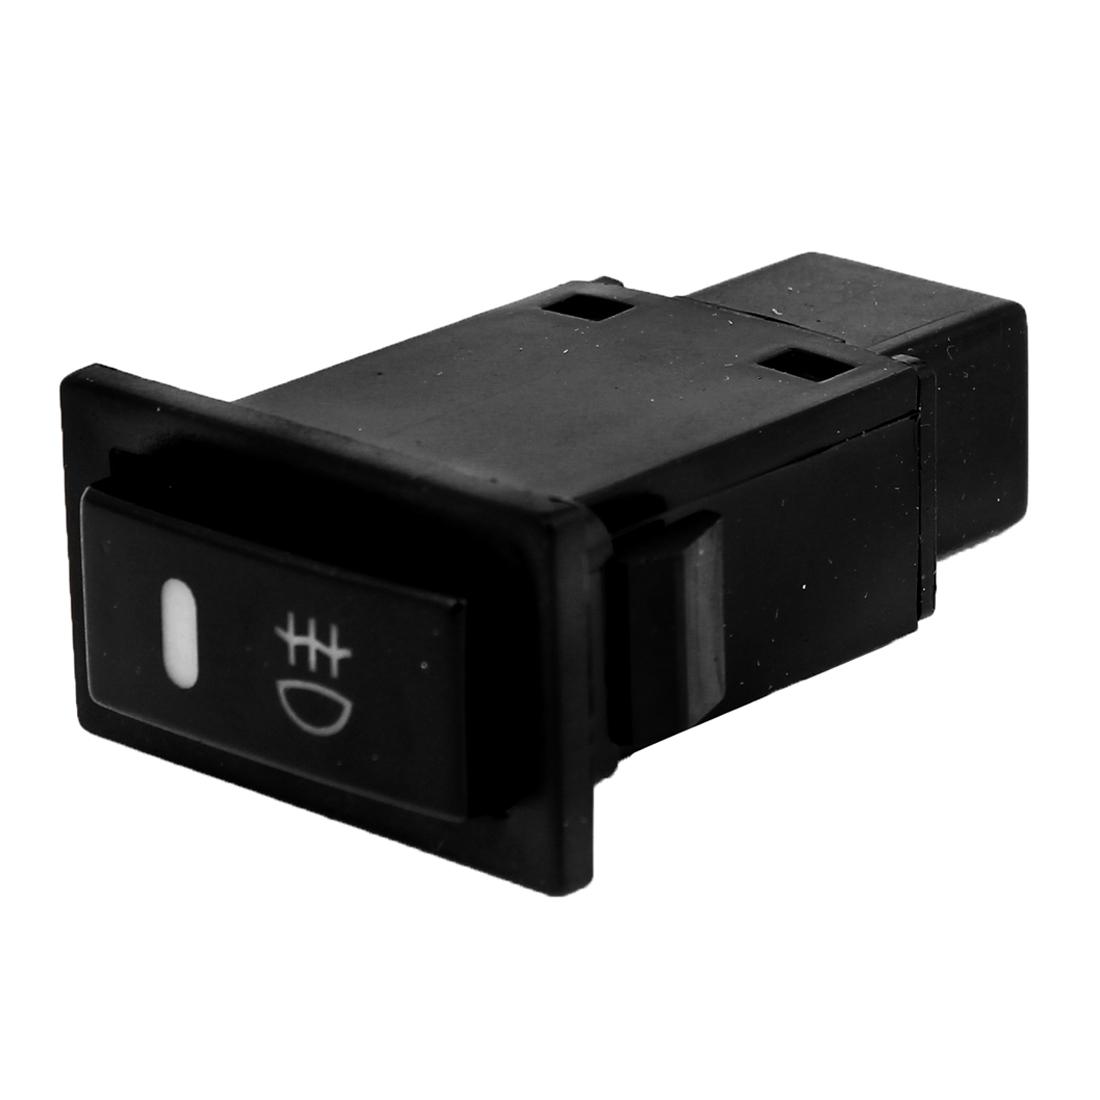 HTB1u7f_JVXXXXb3XVXXq6xXFXXXP cheap accord fog light switch, find accord fog light switch deals on